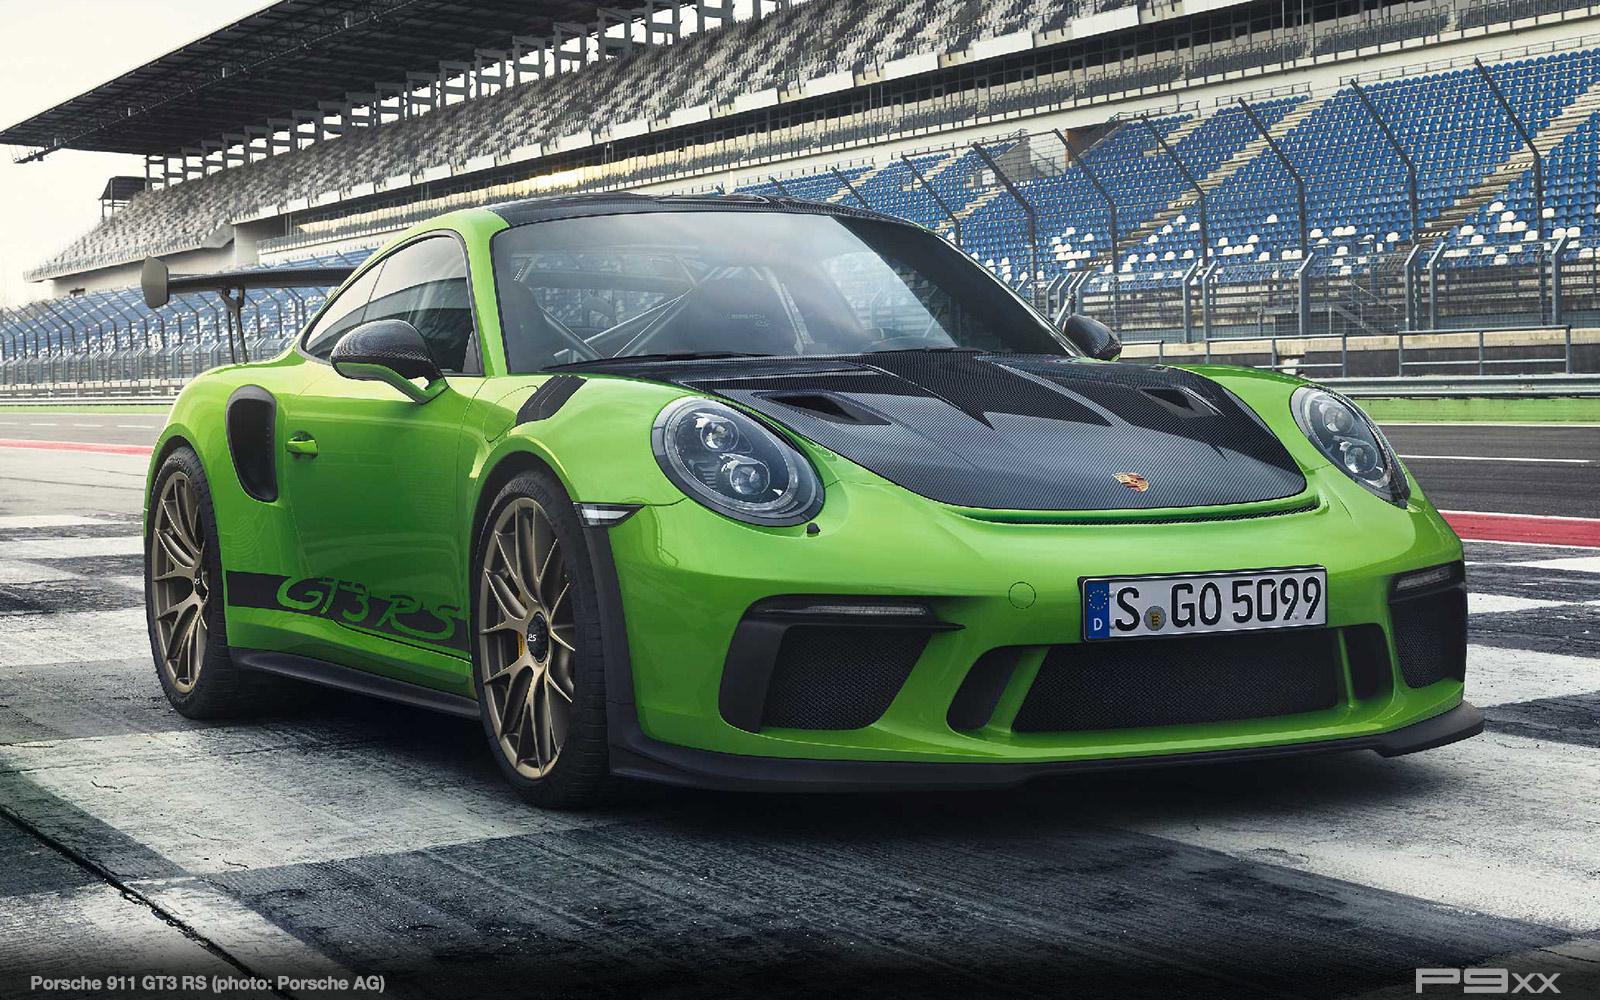 Porsche-911-GT3-RS-991-2-9912-285